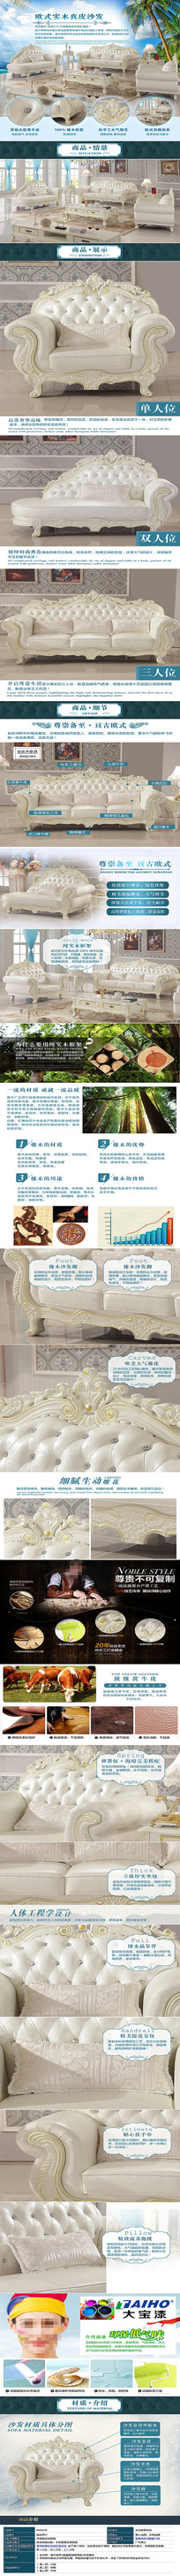 淘宝天猫欧式家具沙发详情页描述素材模板